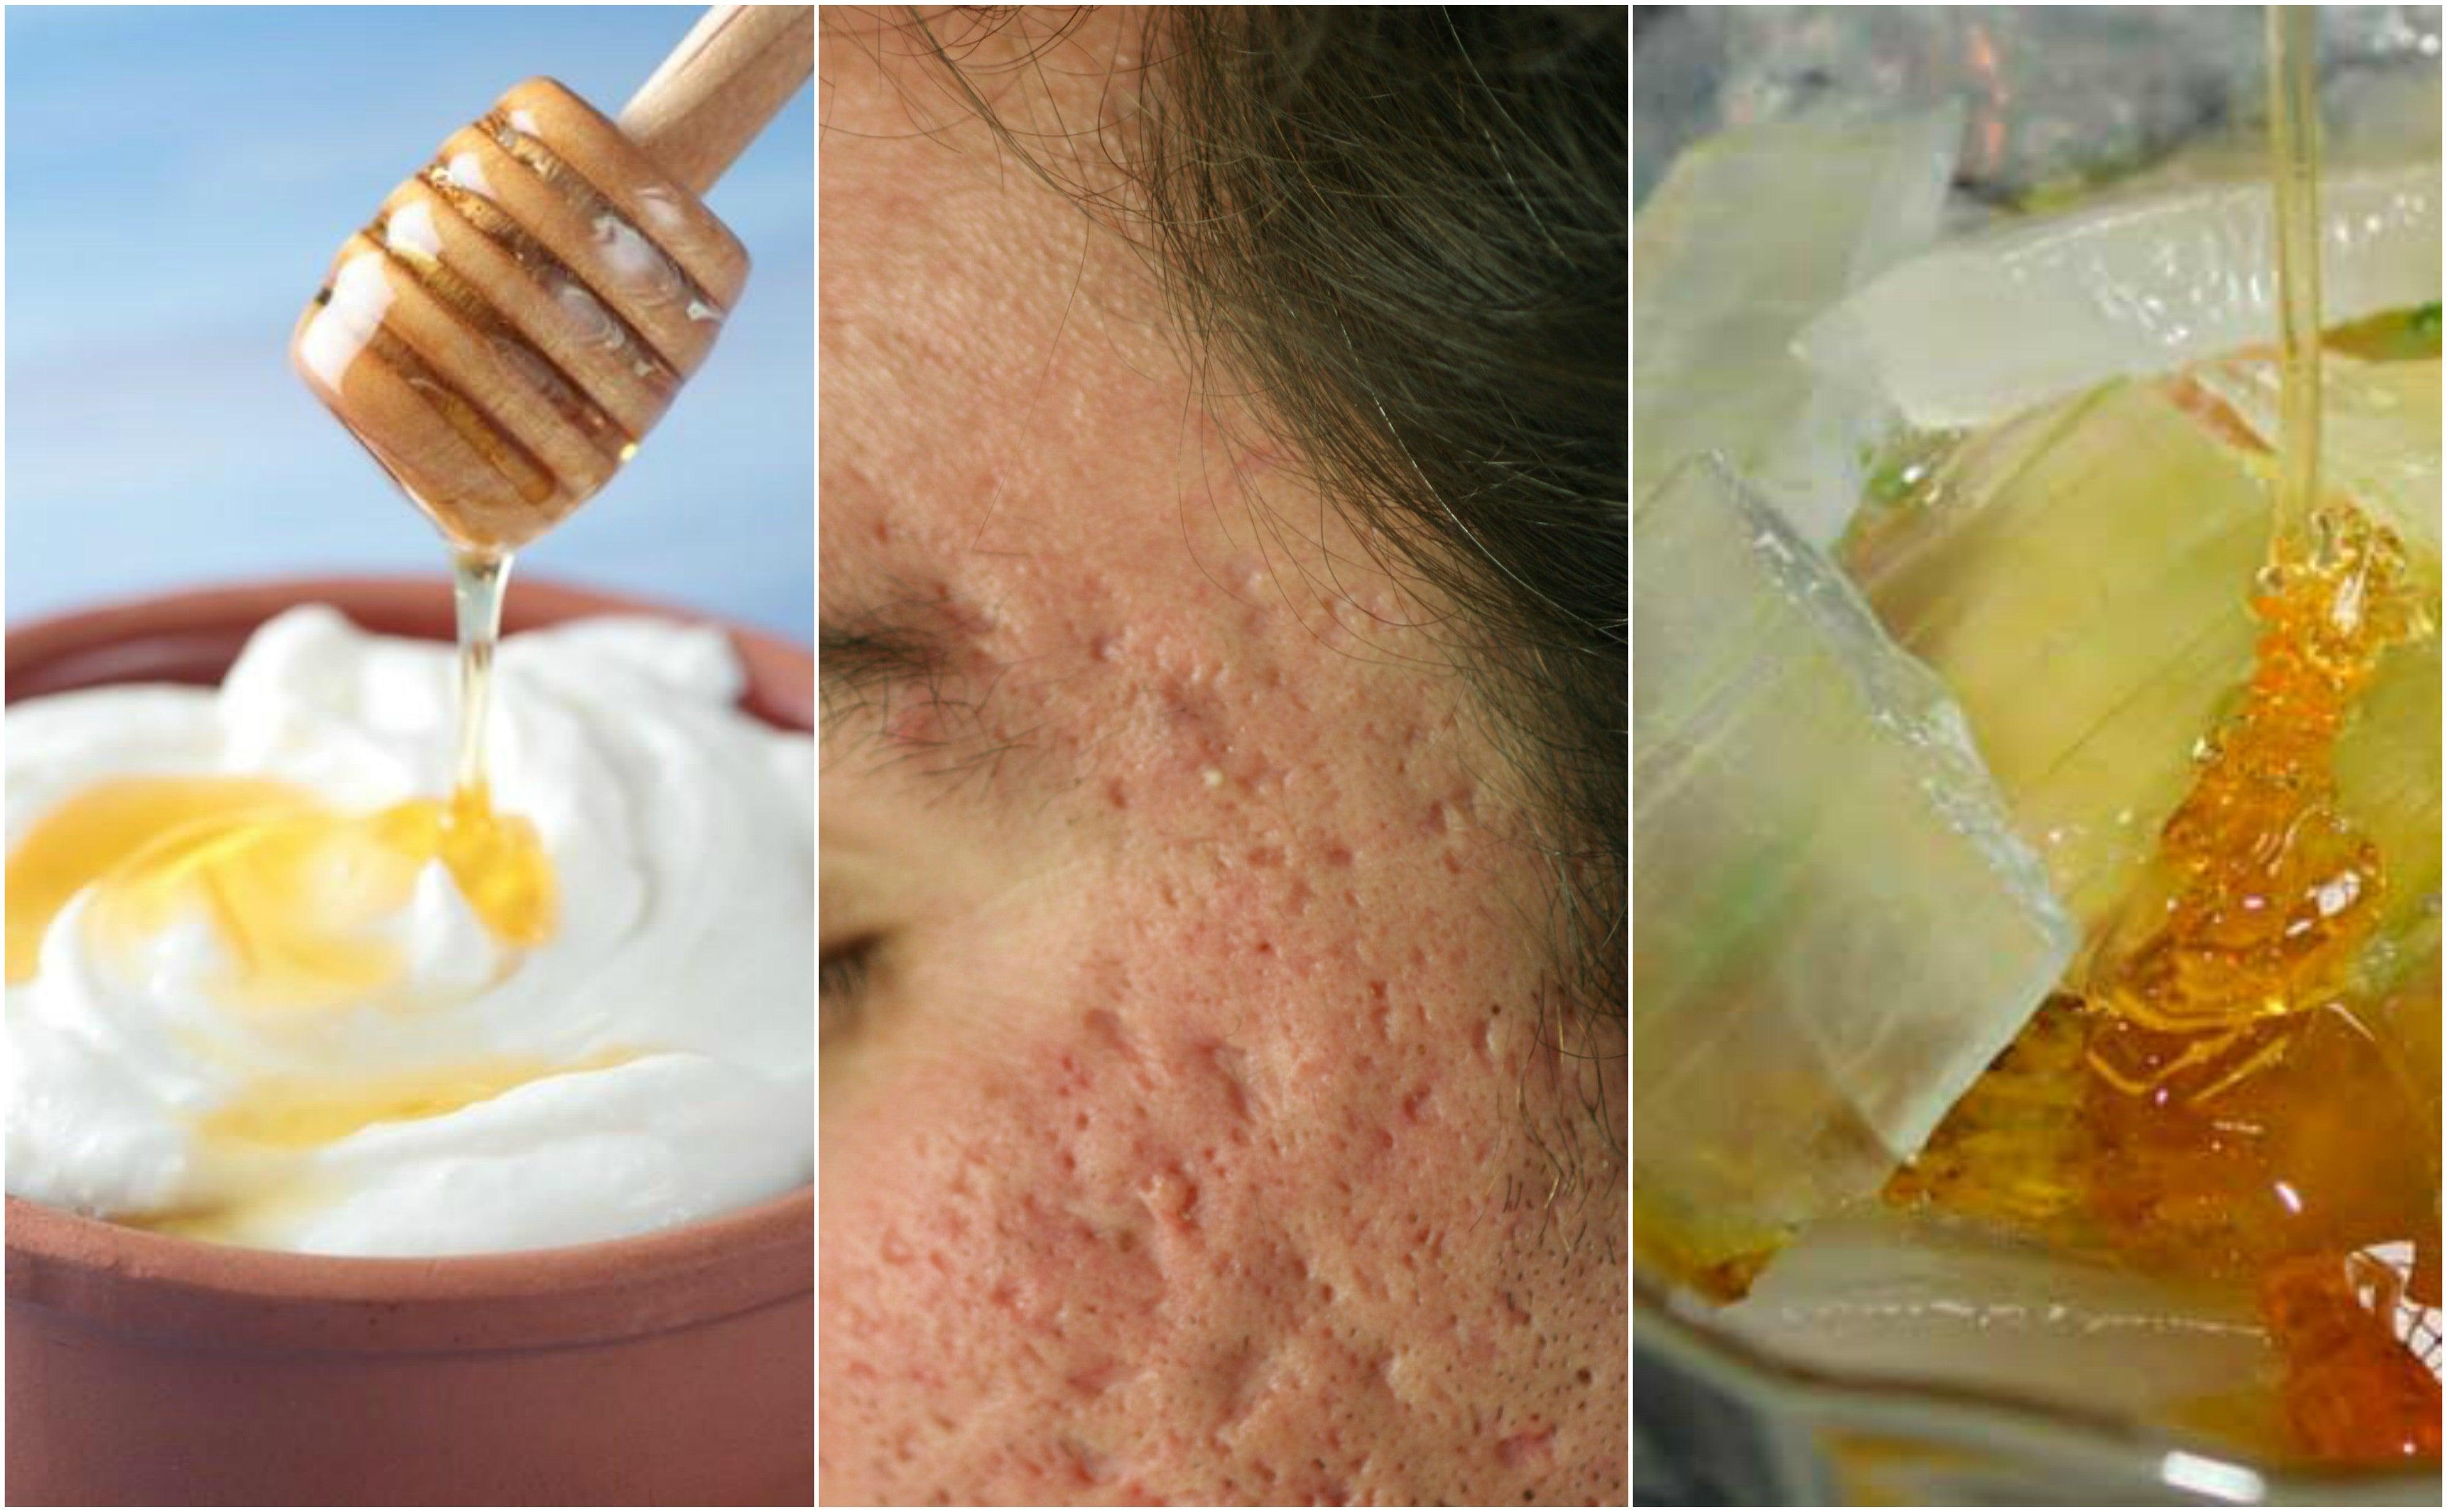 ¿El acné dejó marcas en tu rostro? Atenúalas con estas 5 mascarillas naturales